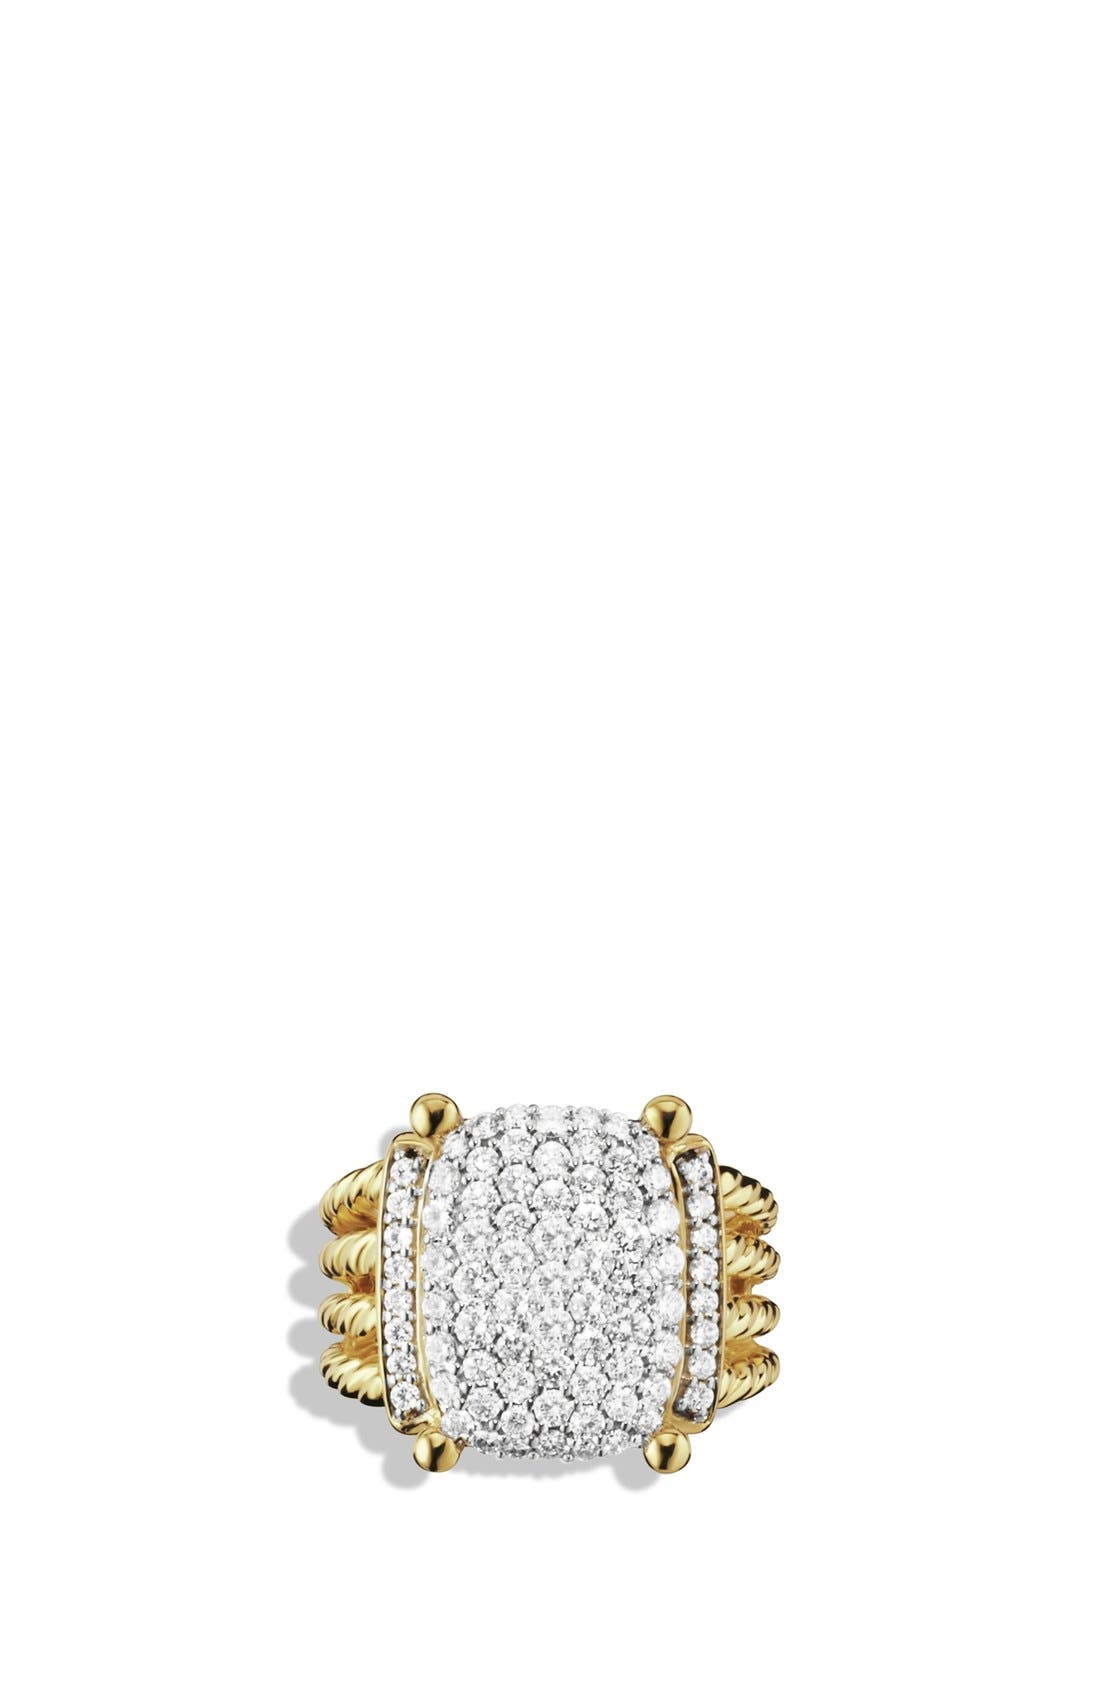 Alternate Image 3  - David Yurman 'Wheaton' Ring with Diamonds in Gold